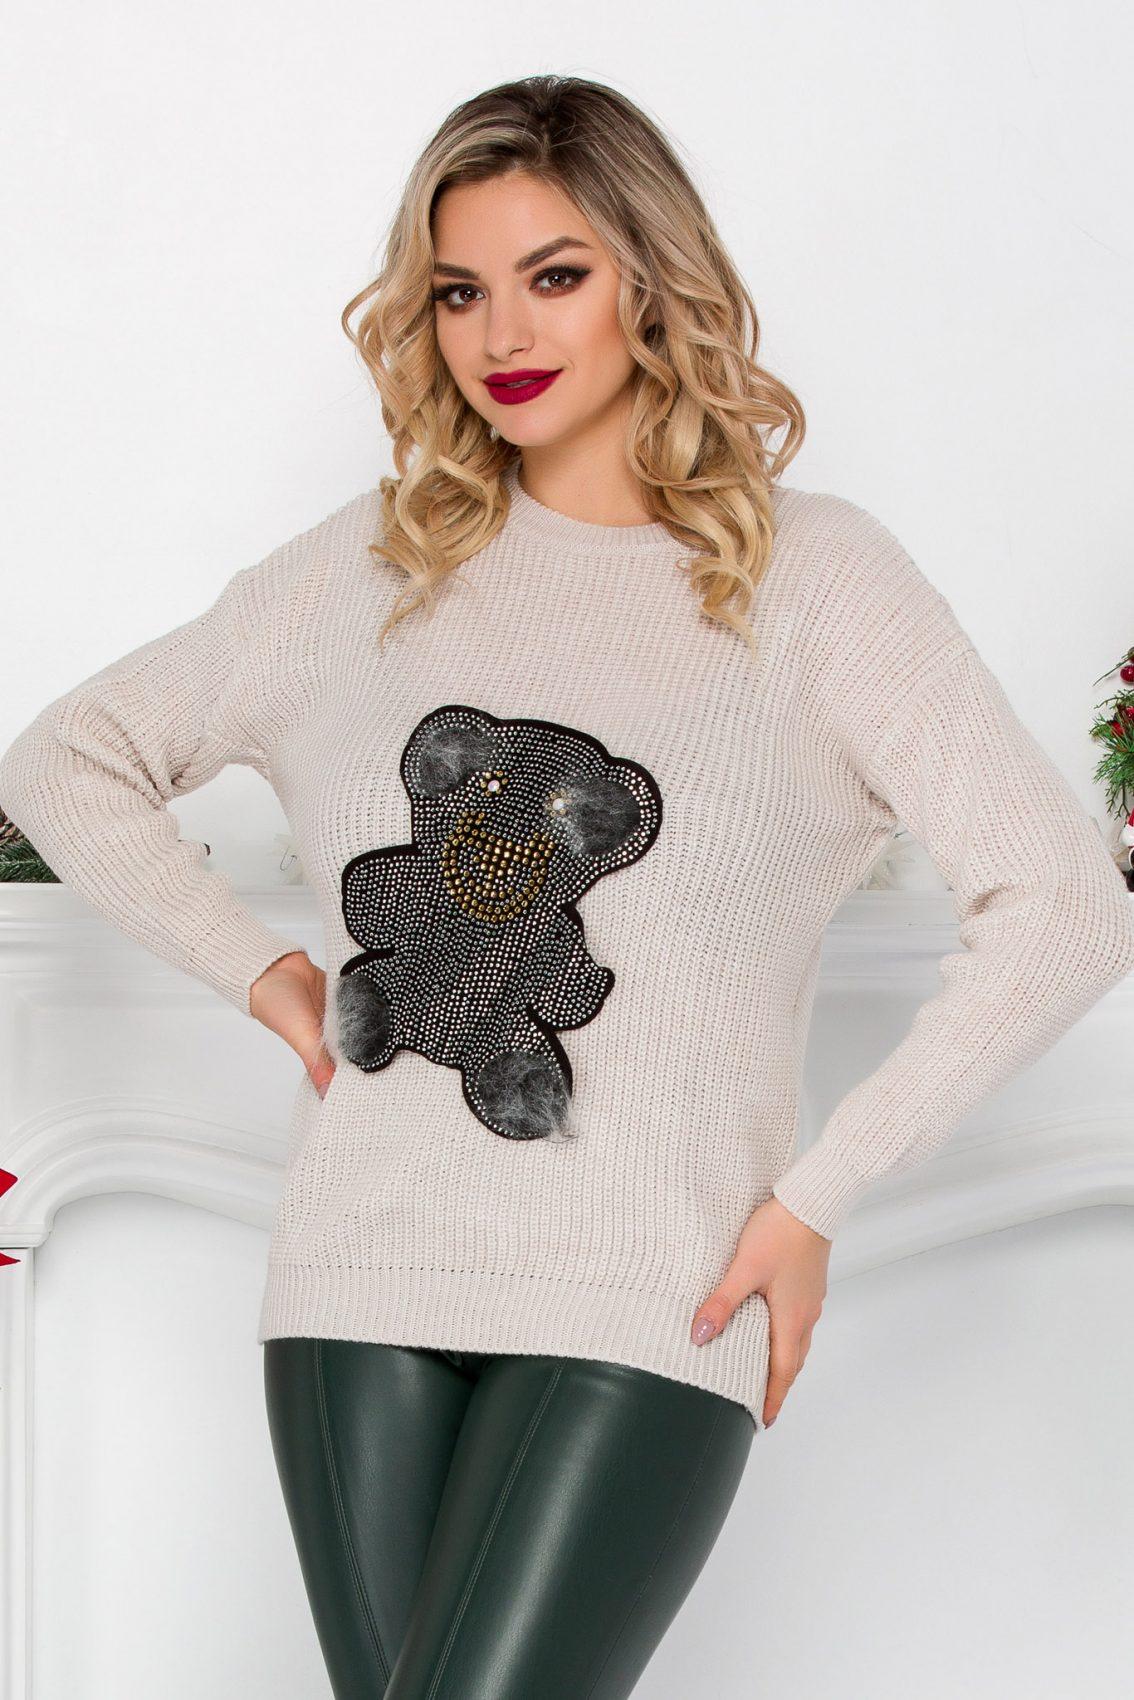 Μπεζ Πλεκτή Μπλούζα Teddy 8975 1